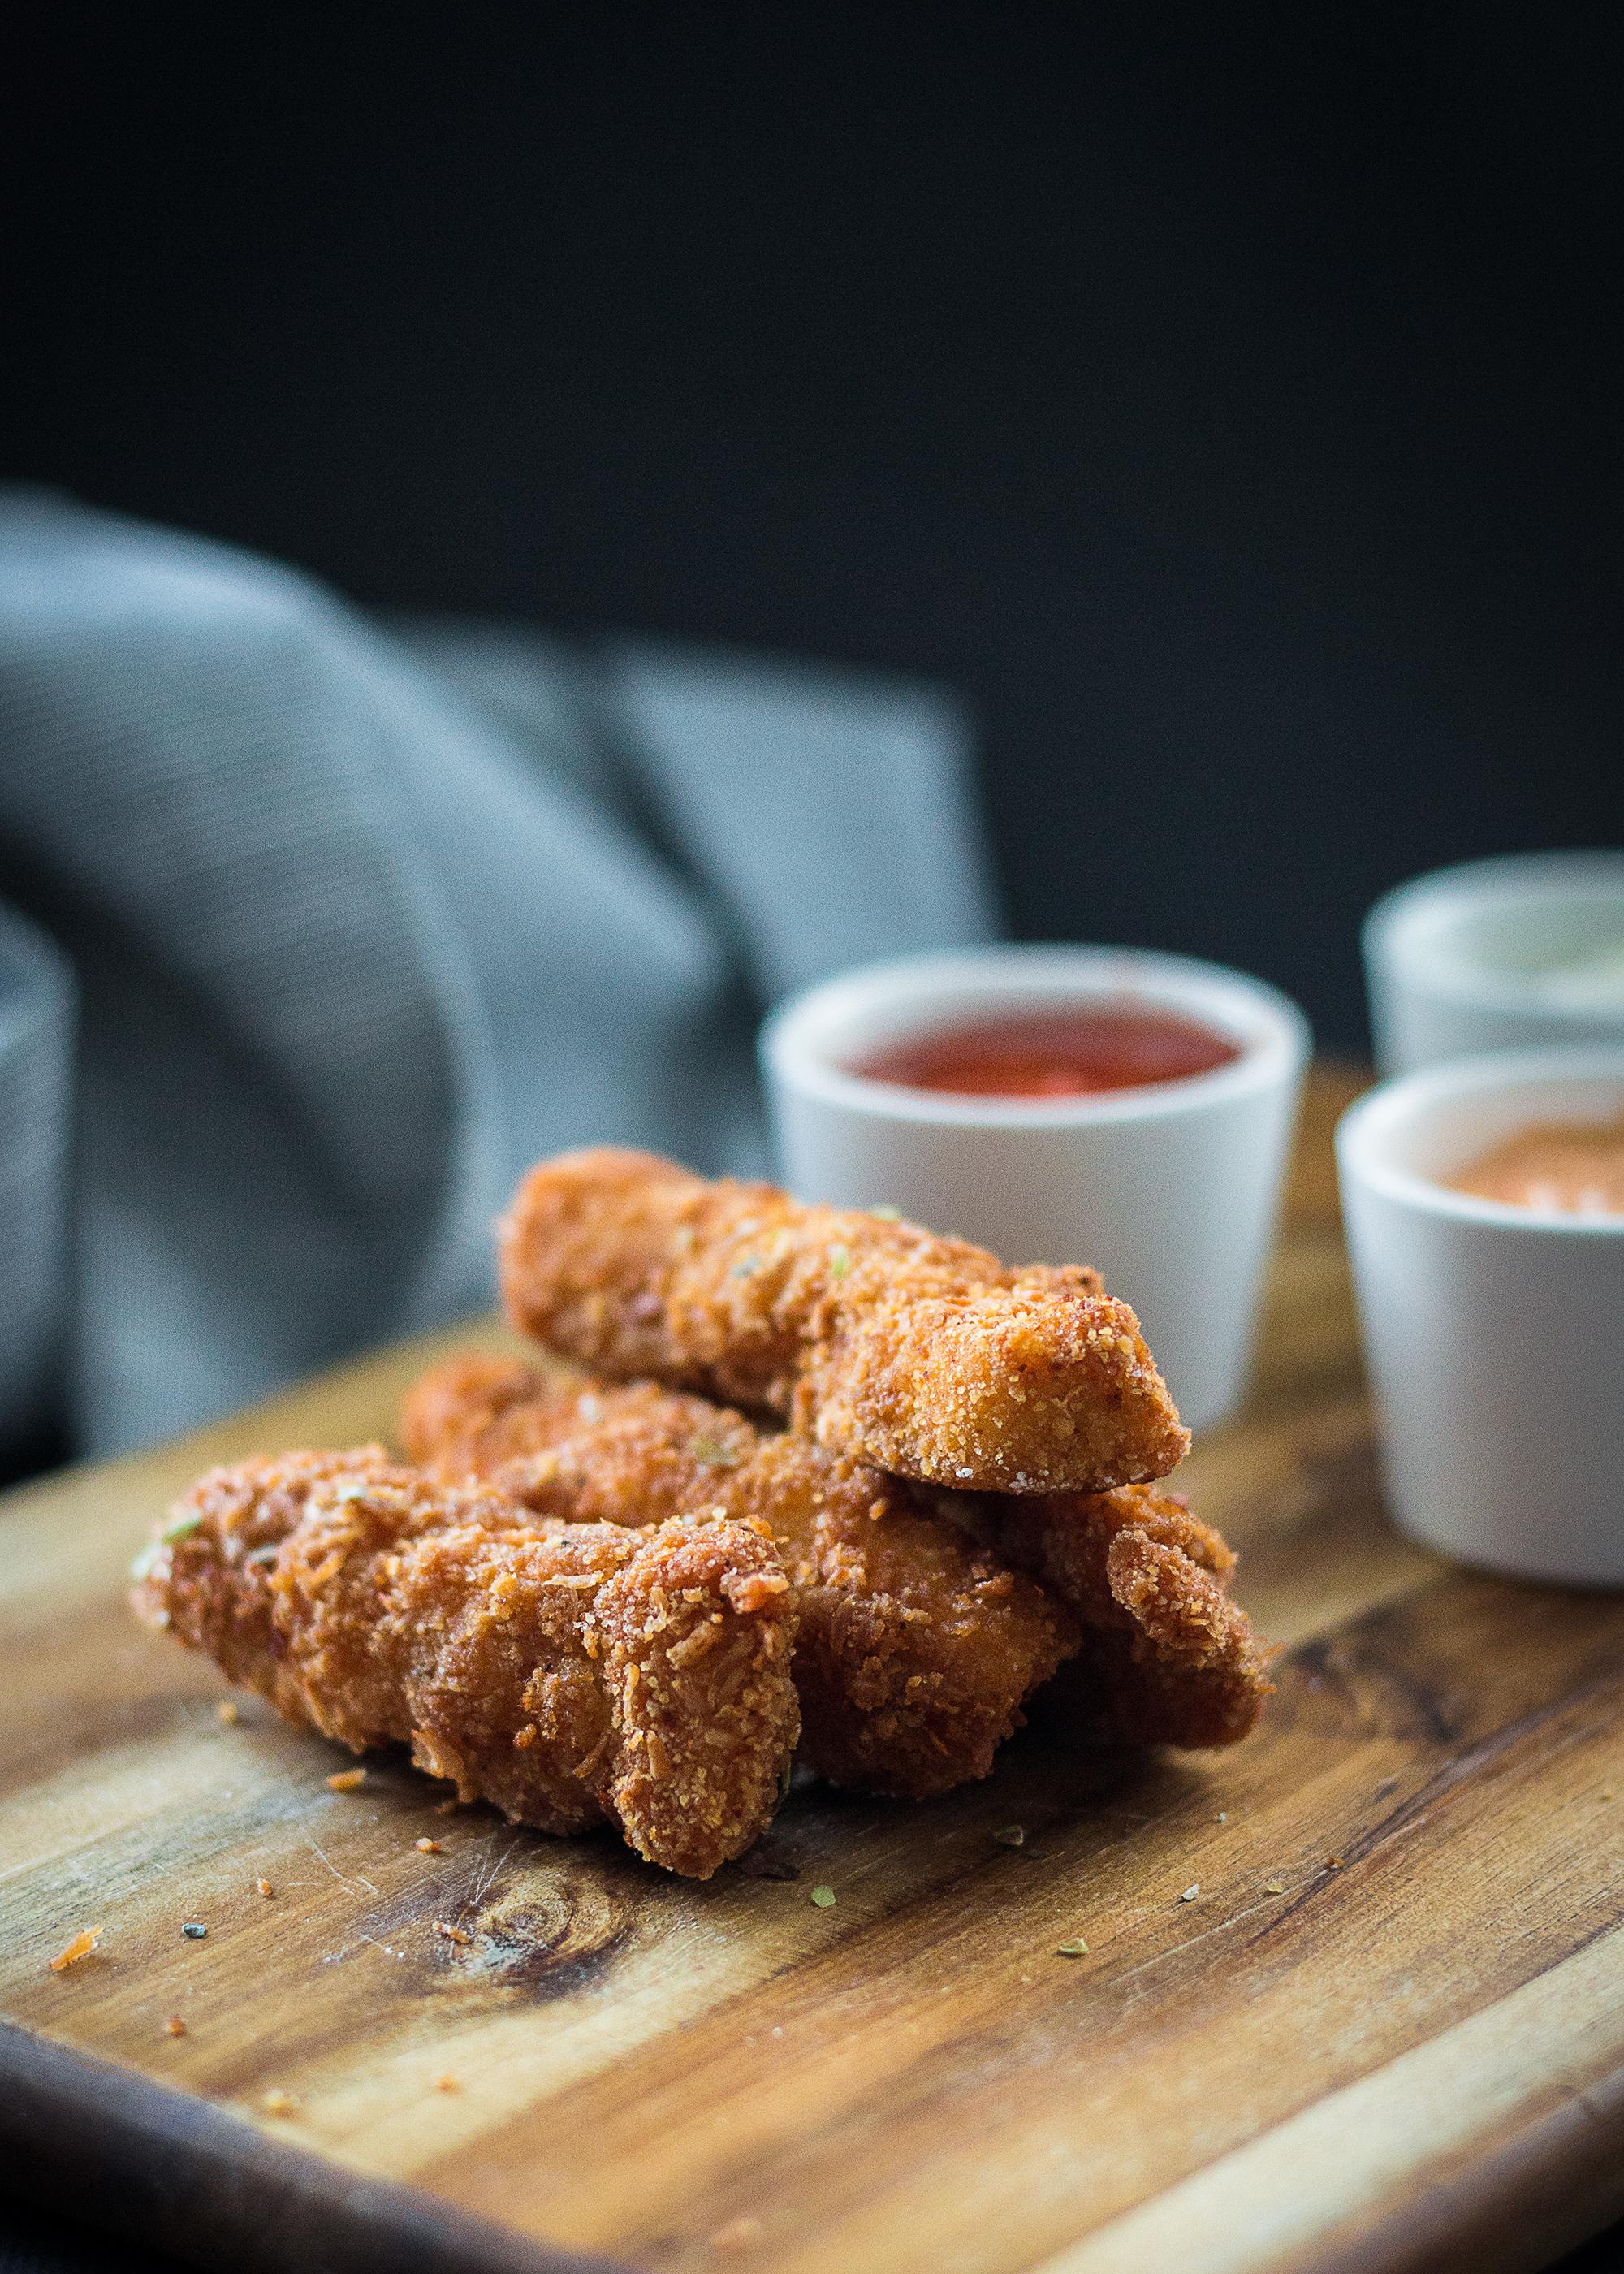 Krispig kyckling   Recept   Sandramarias.com